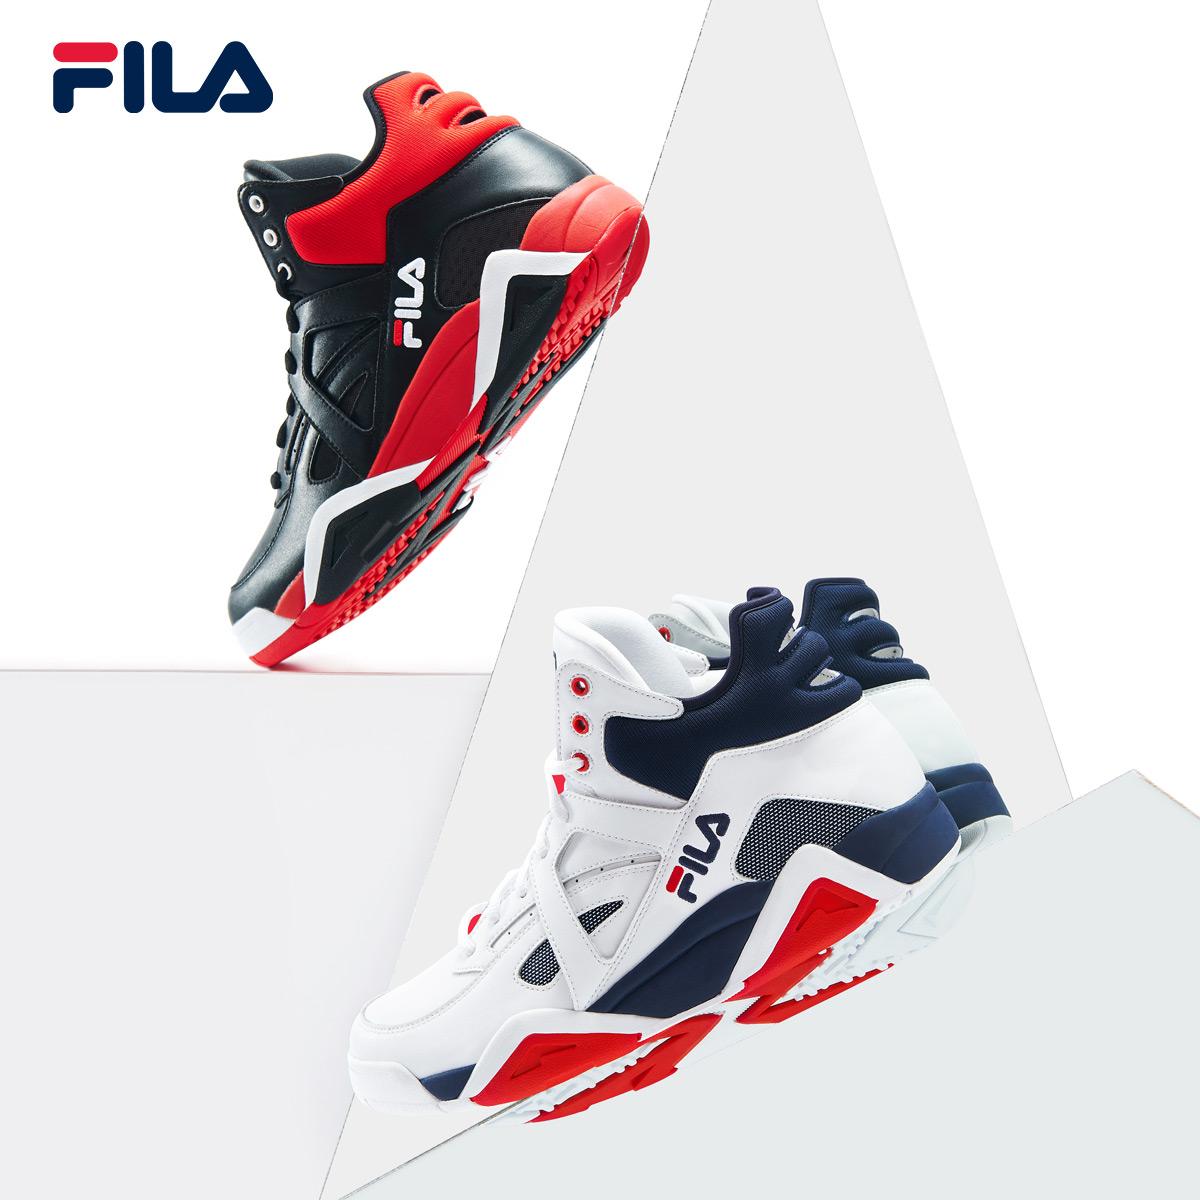 FILA斐乐男鞋2018冬季新款潮流时尚篮球休闲运动鞋男鞋